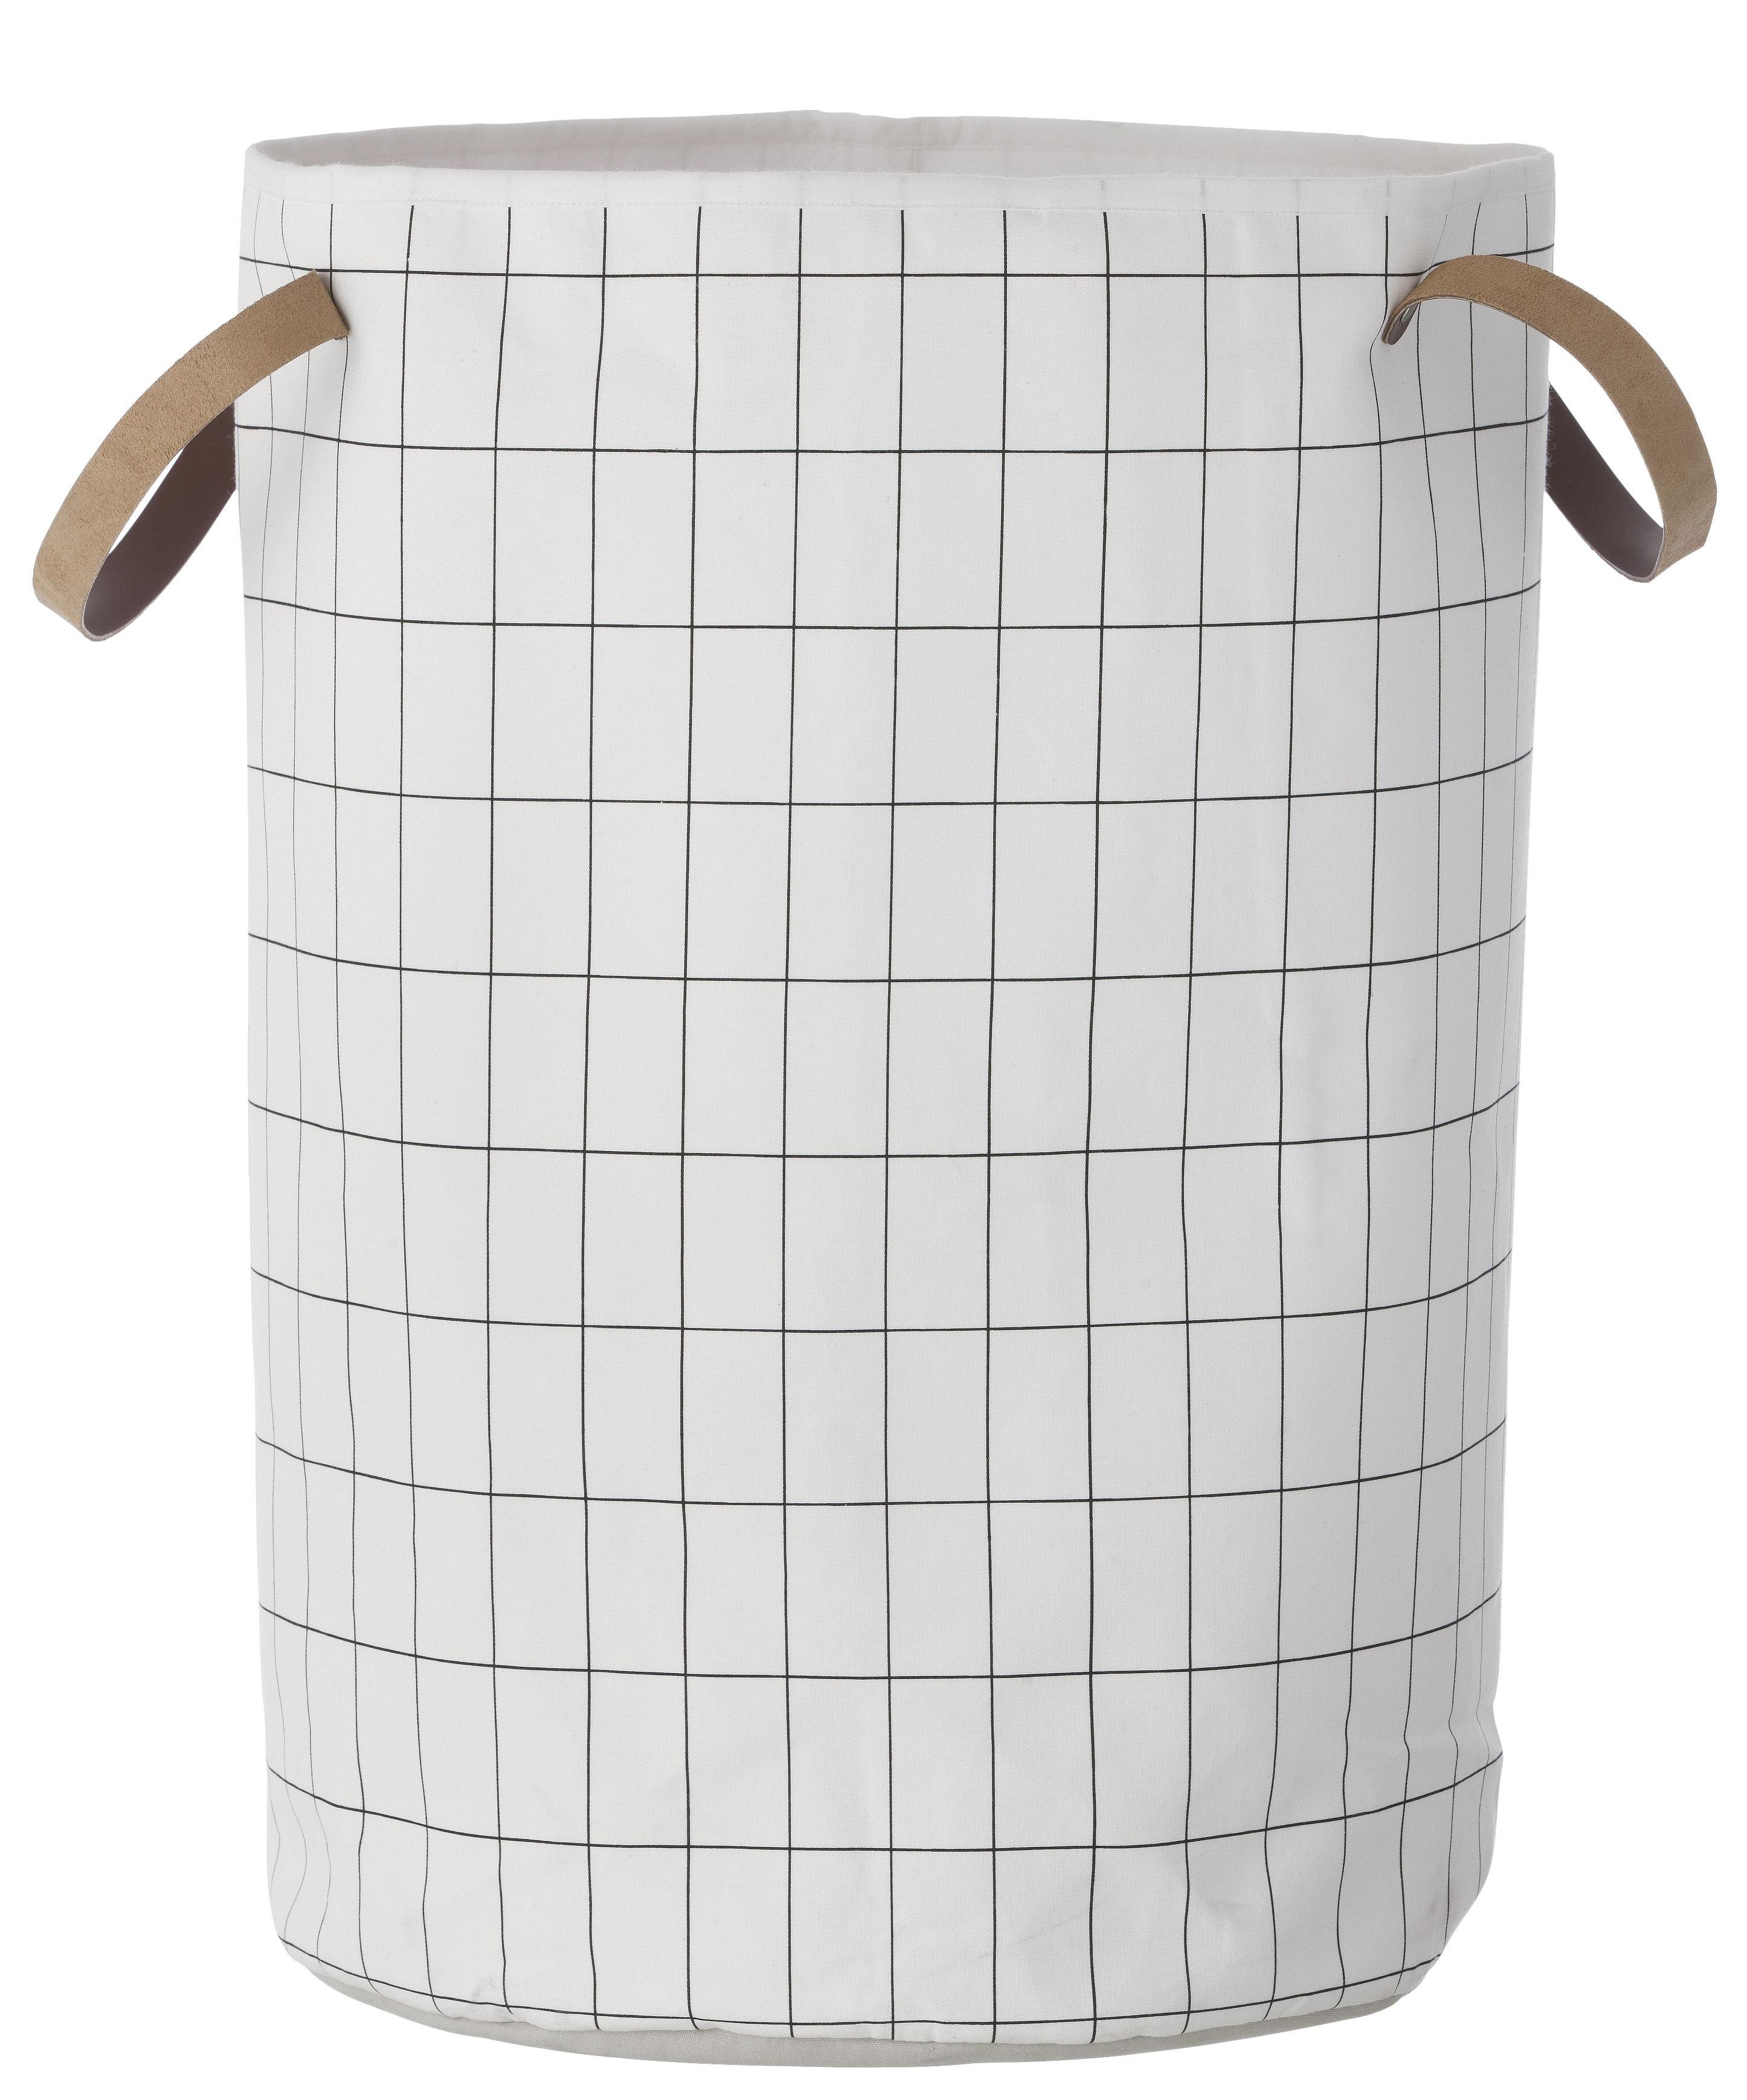 Decoration - Boxes & Baskets - Grid Basket - Large / Ø 40 x H 60 cm by Ferm Living - Grid / Black & white - Cotton